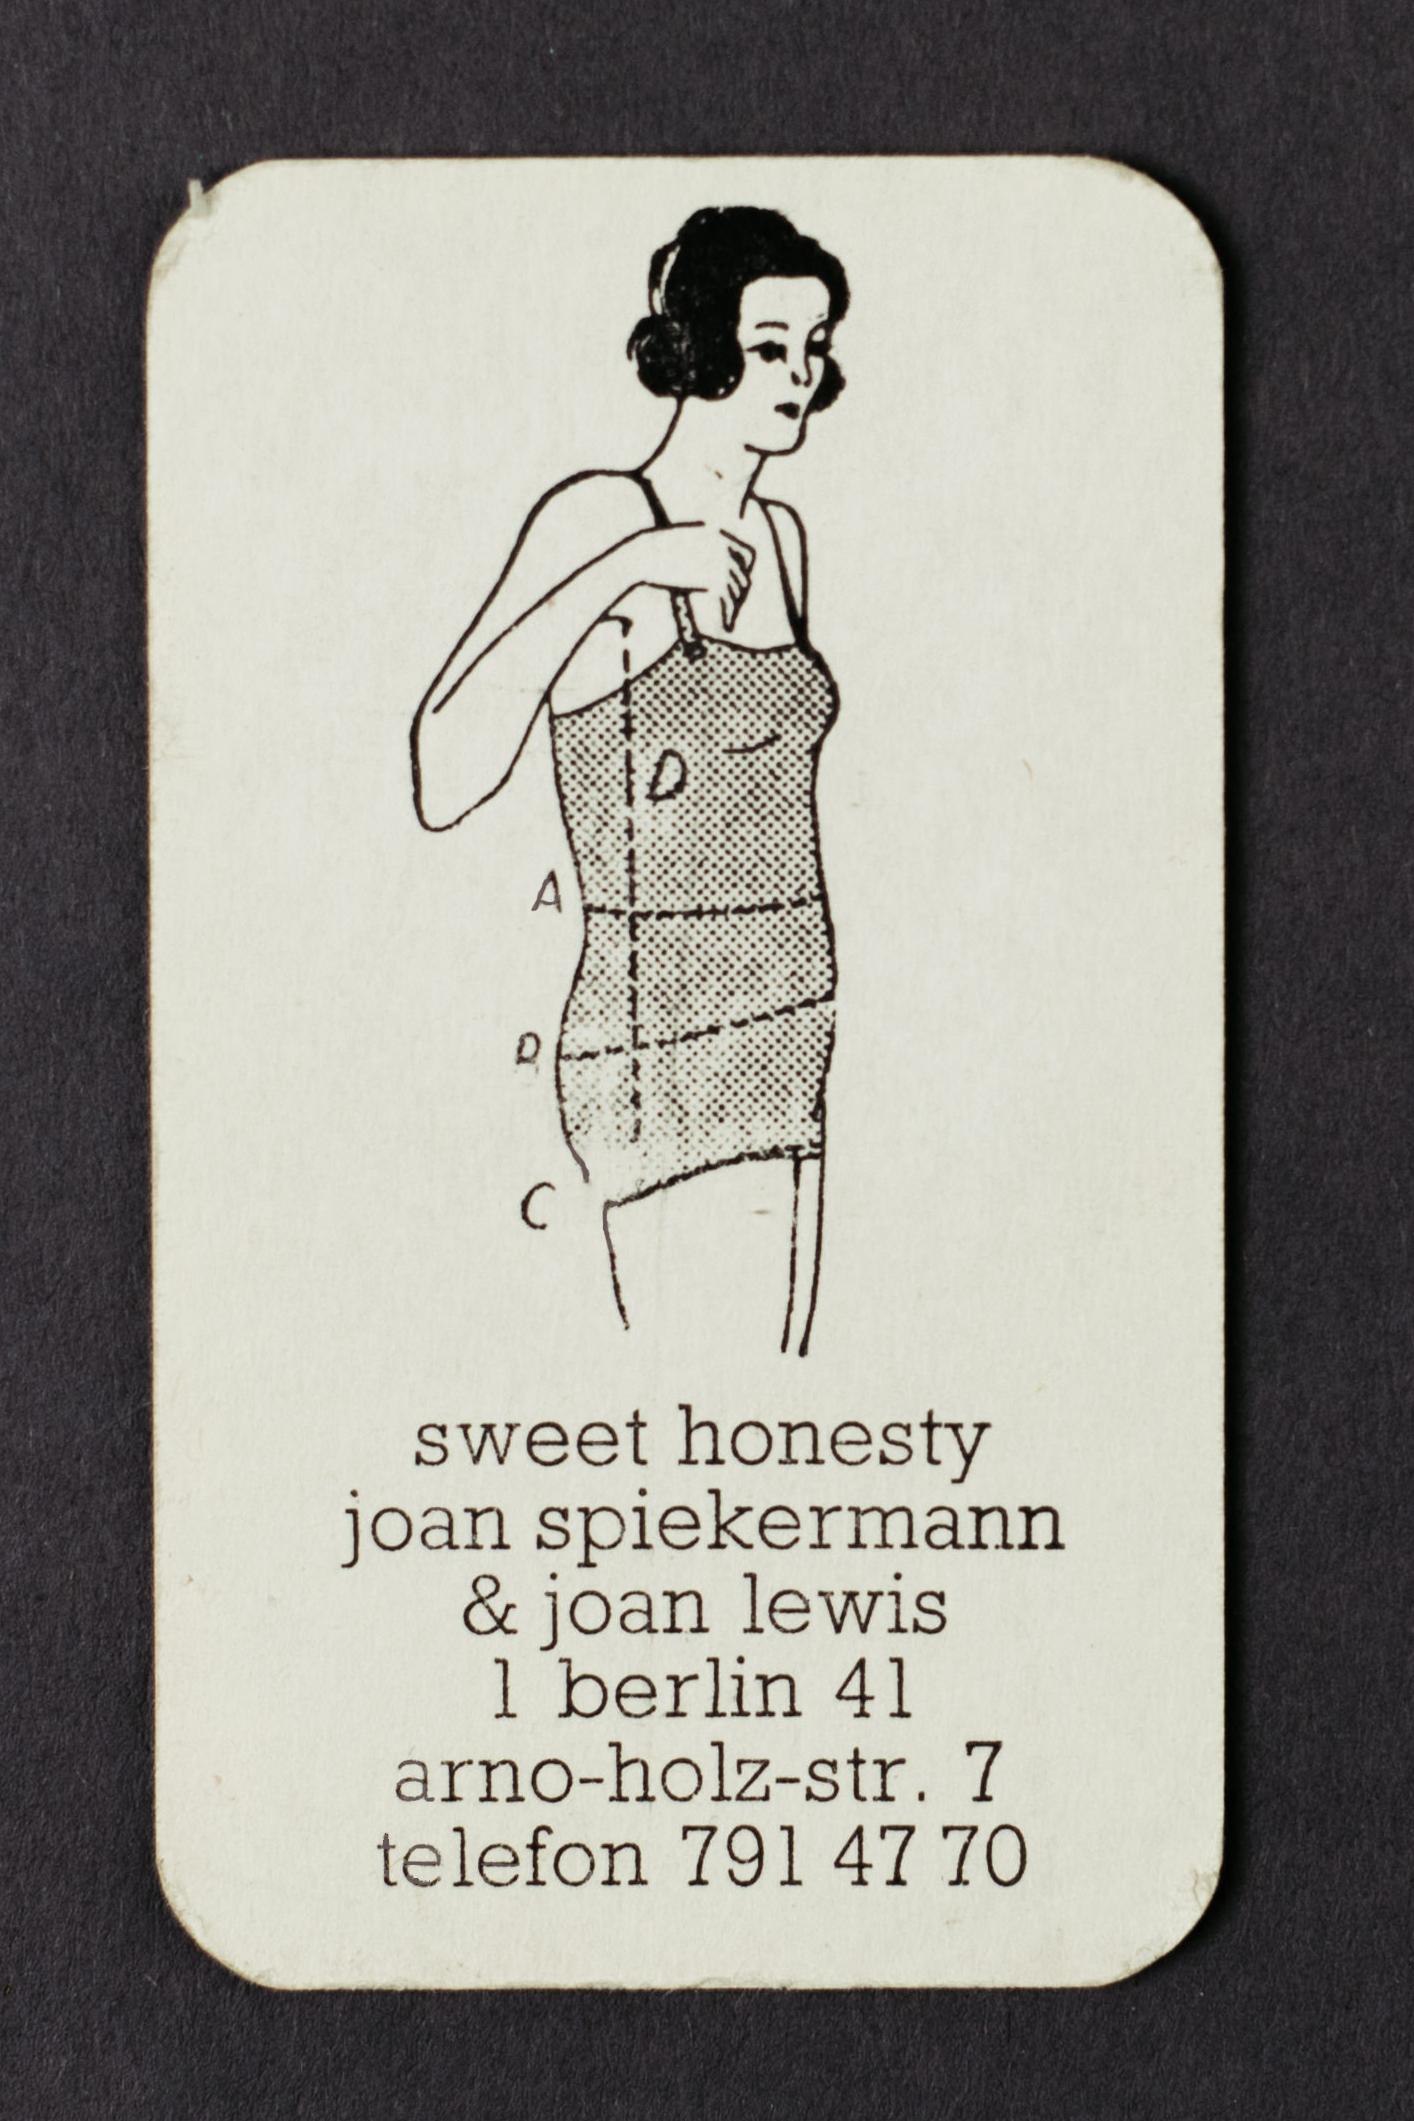 Erik Spiekermann S Straight Up Business Cards Eye On Design